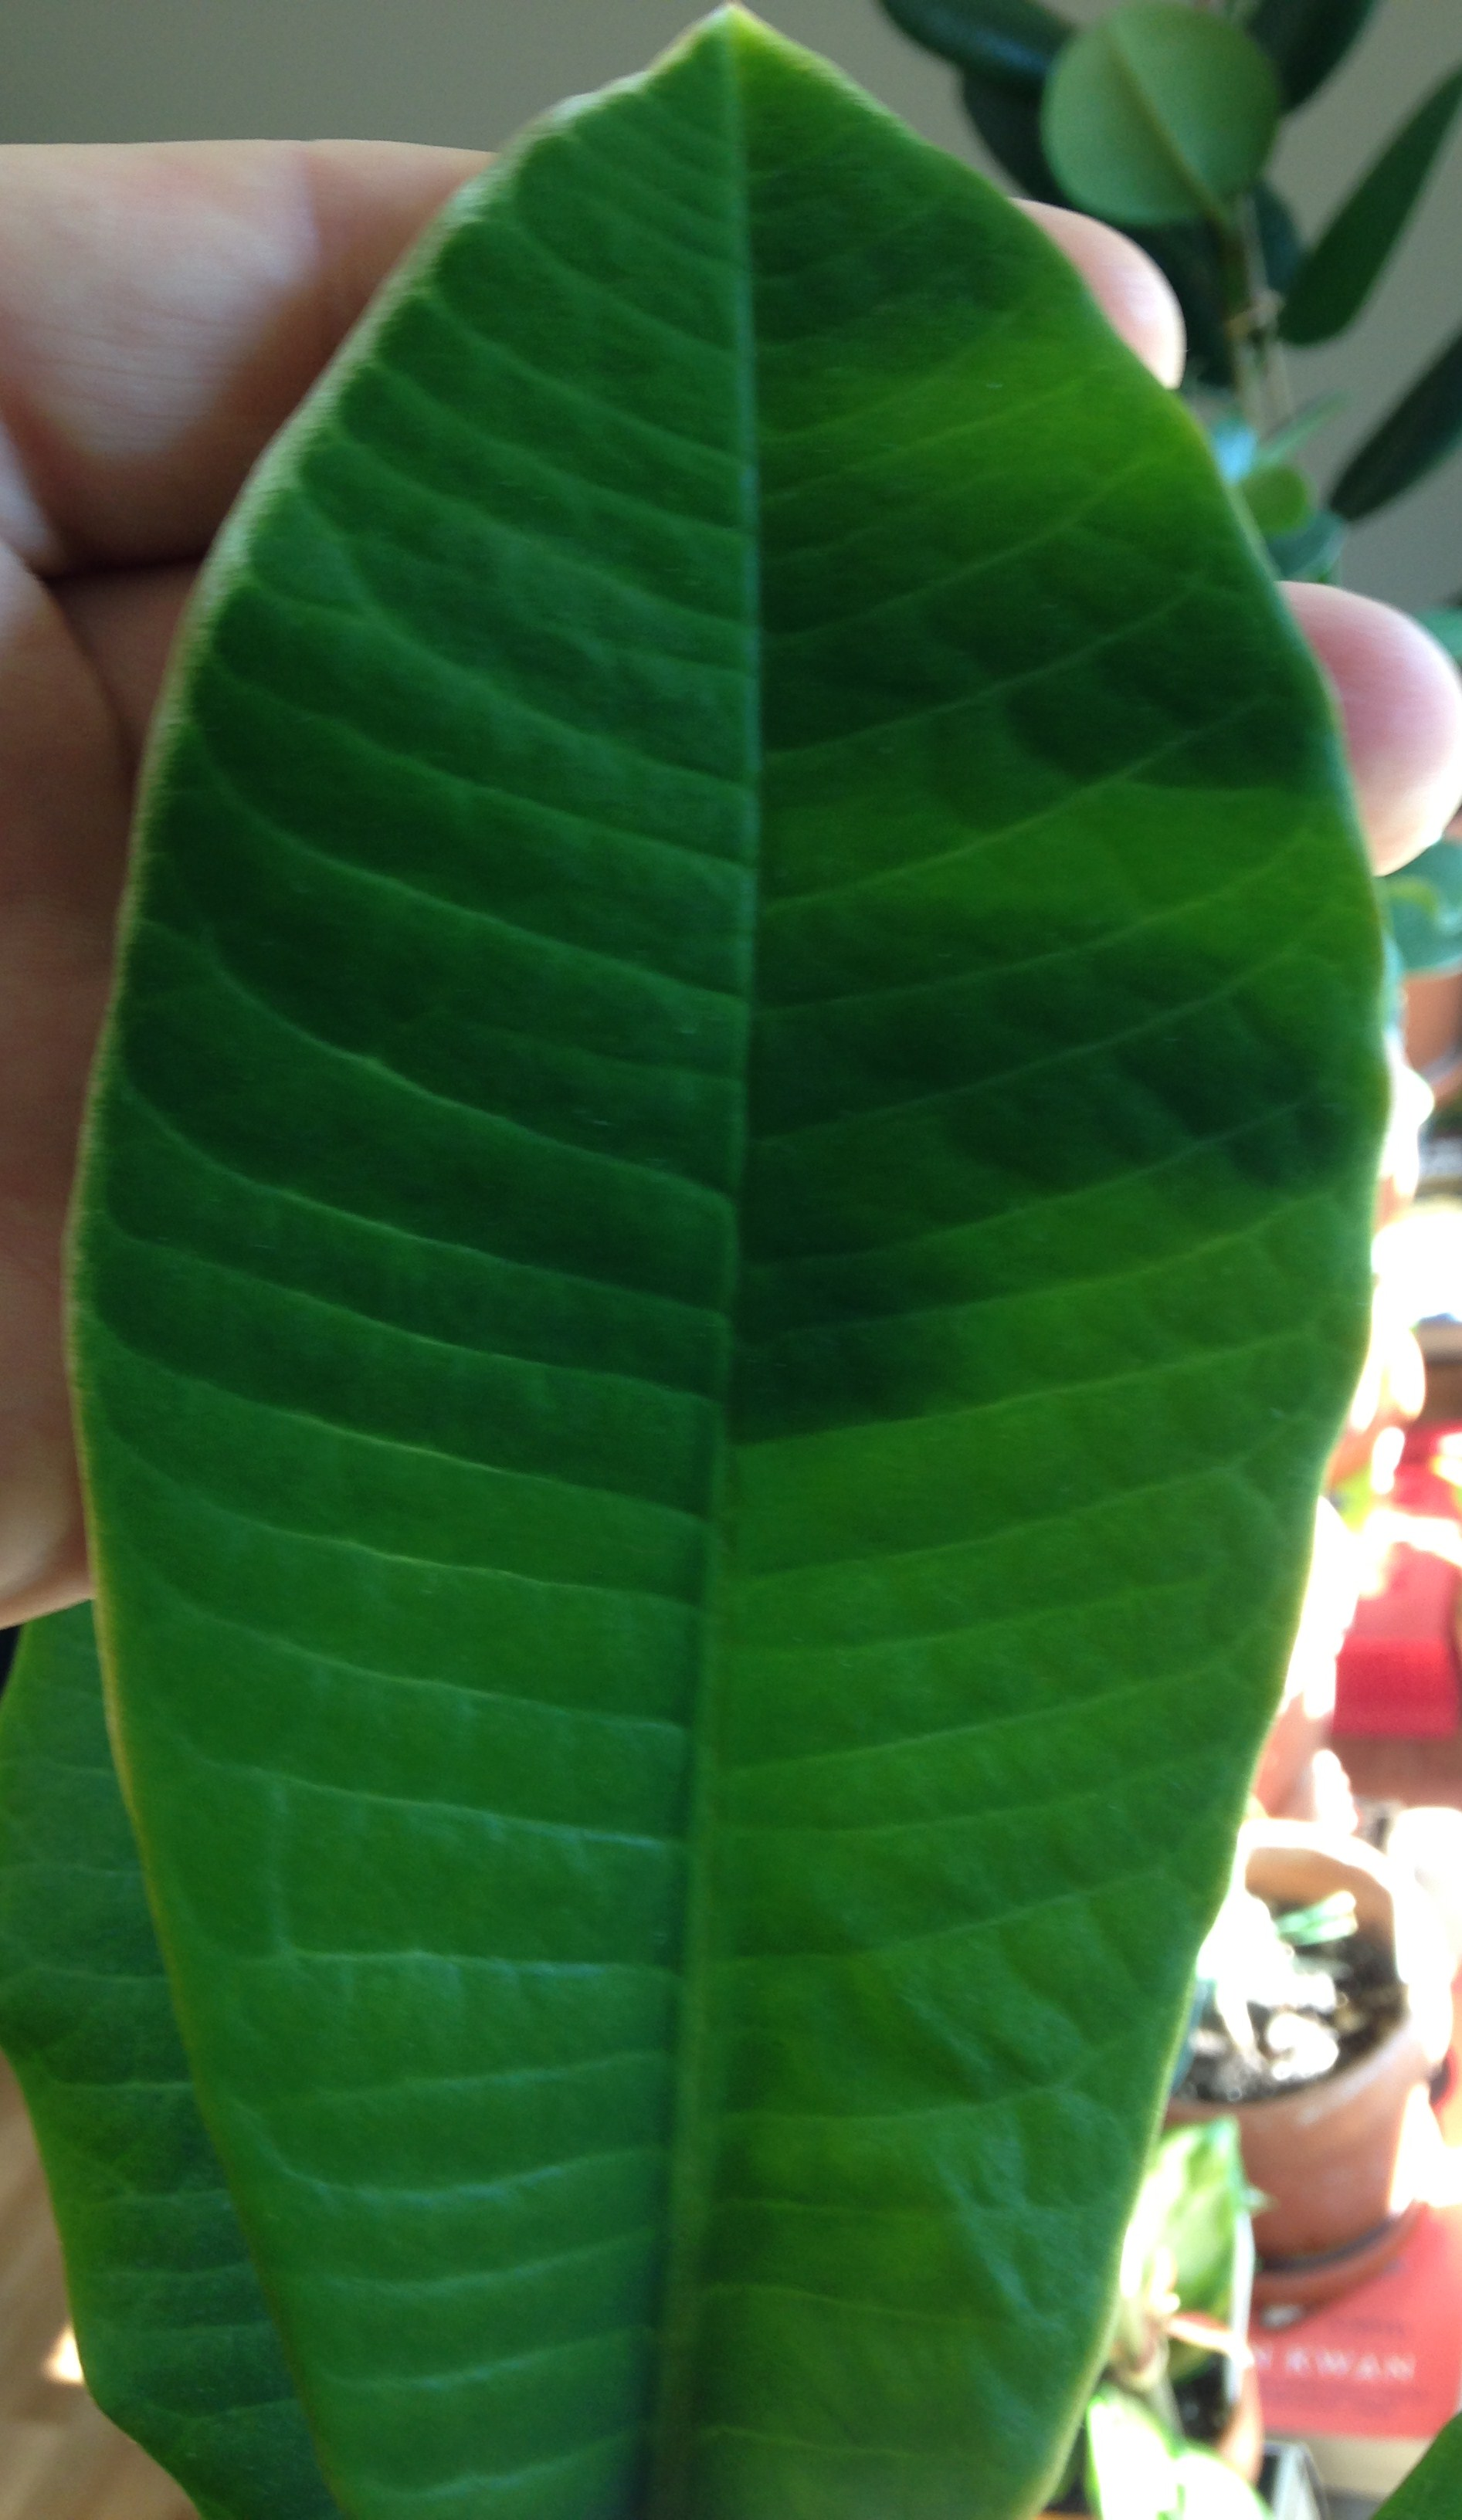 weisse blattr nder an euphorbia leuconeura pflanzenkrankheiten sch dlinge green24 hilfe. Black Bedroom Furniture Sets. Home Design Ideas